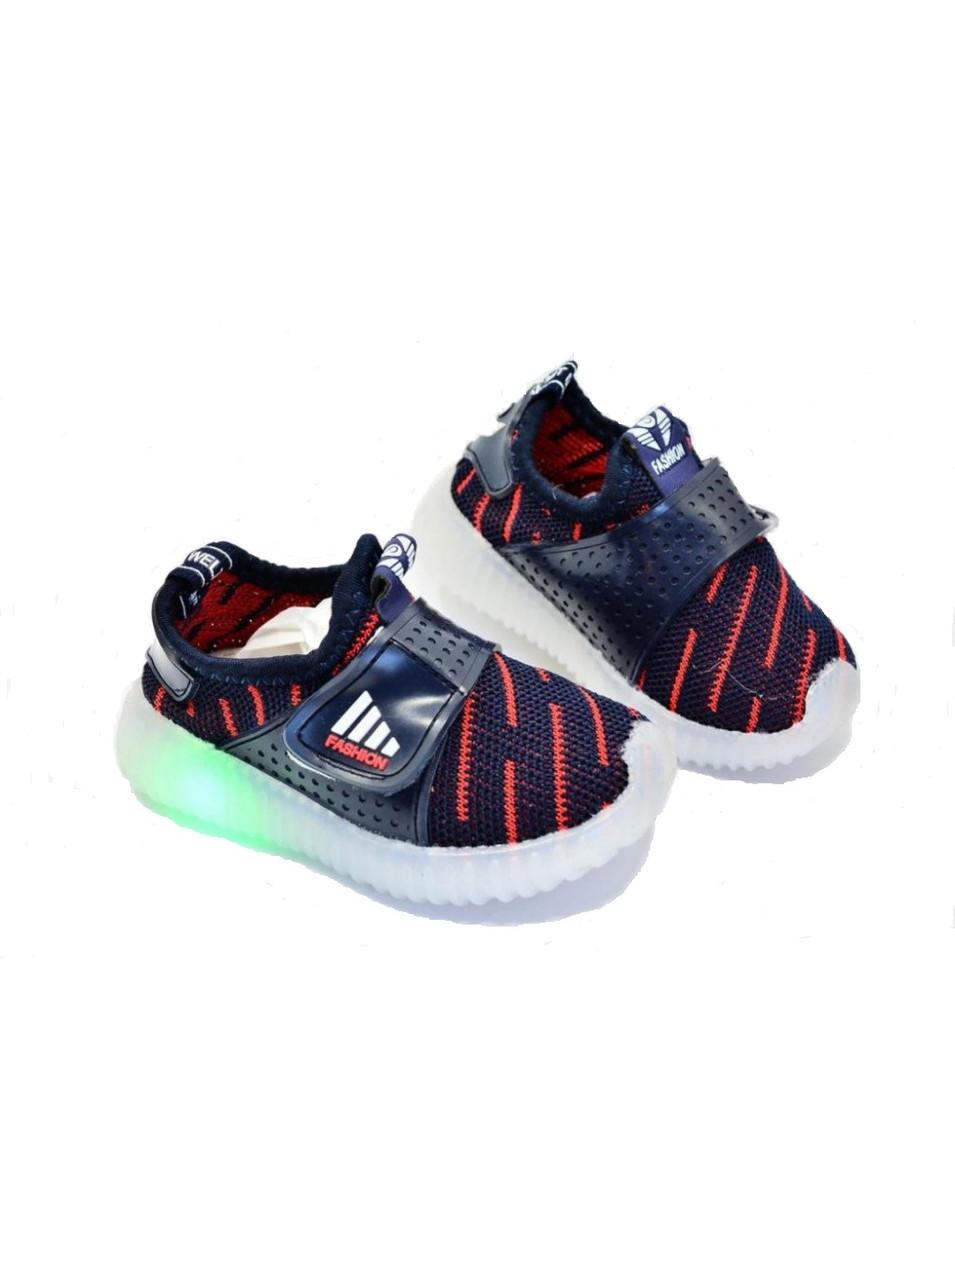 Кроссовки детские Jong Golf текстильные светящиеся 24р.